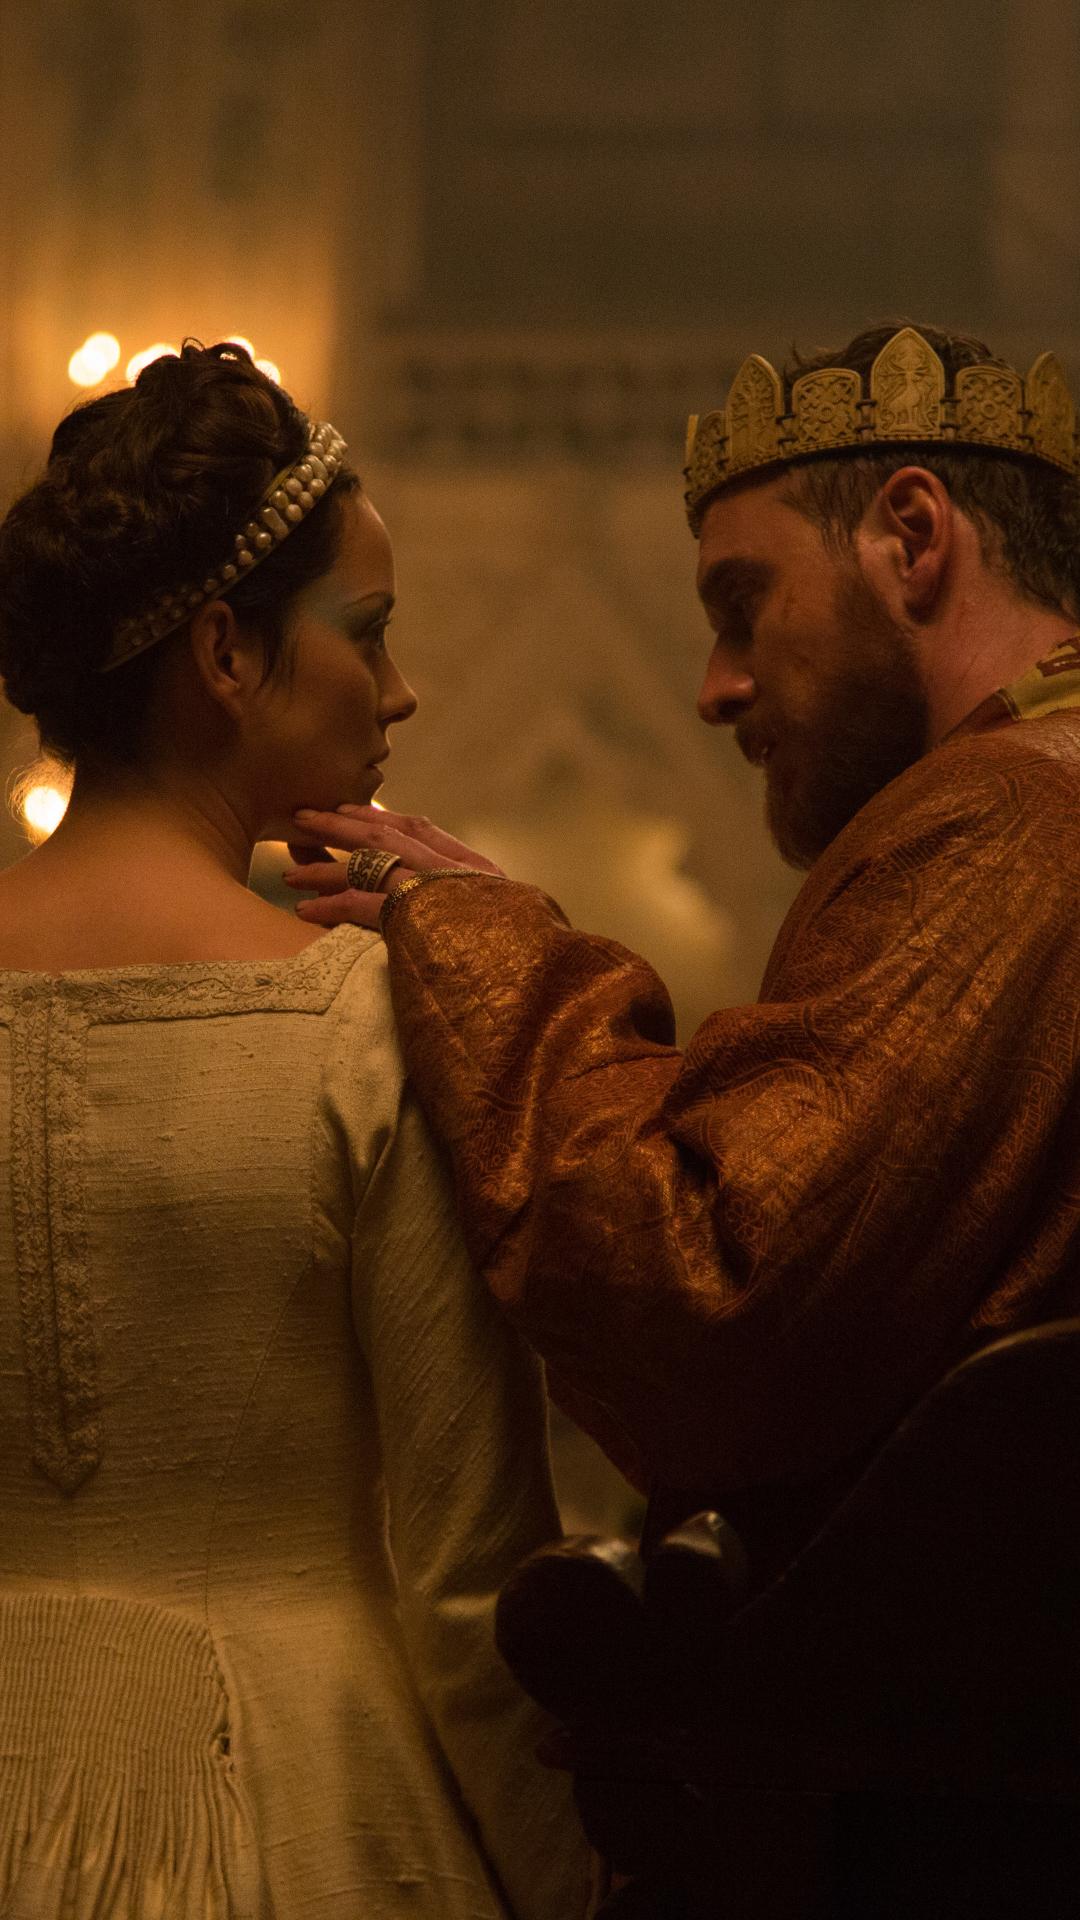 iPhone 6 - Movie/Macbeth - Wallpaper ID: 644167 Michael Fassbender